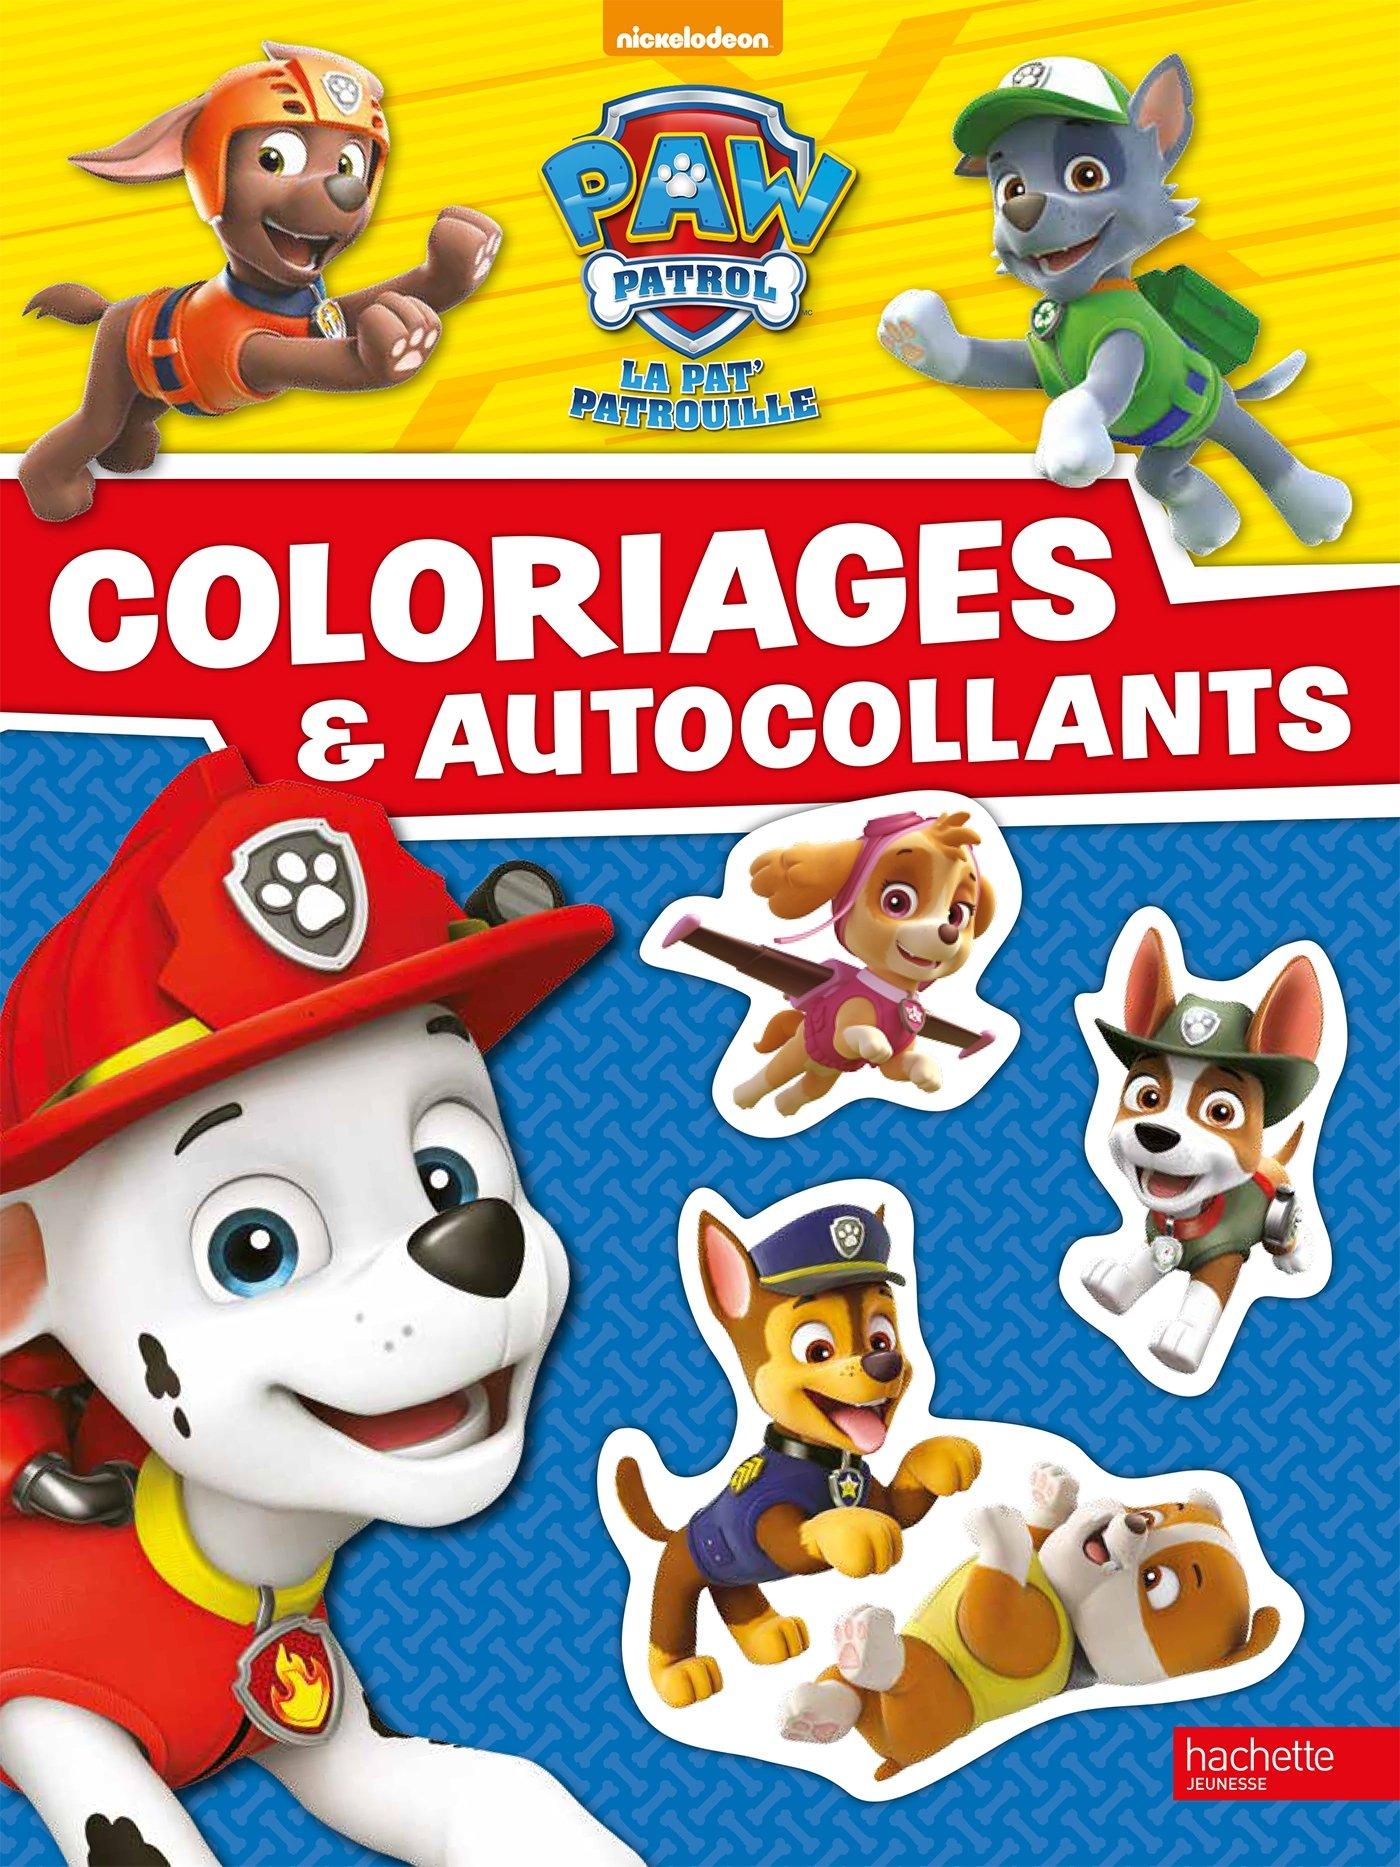 Paw Patrol La Pat Patrouille Coloriages Et Autocollants Amazon Fr Nickelodeon Livres